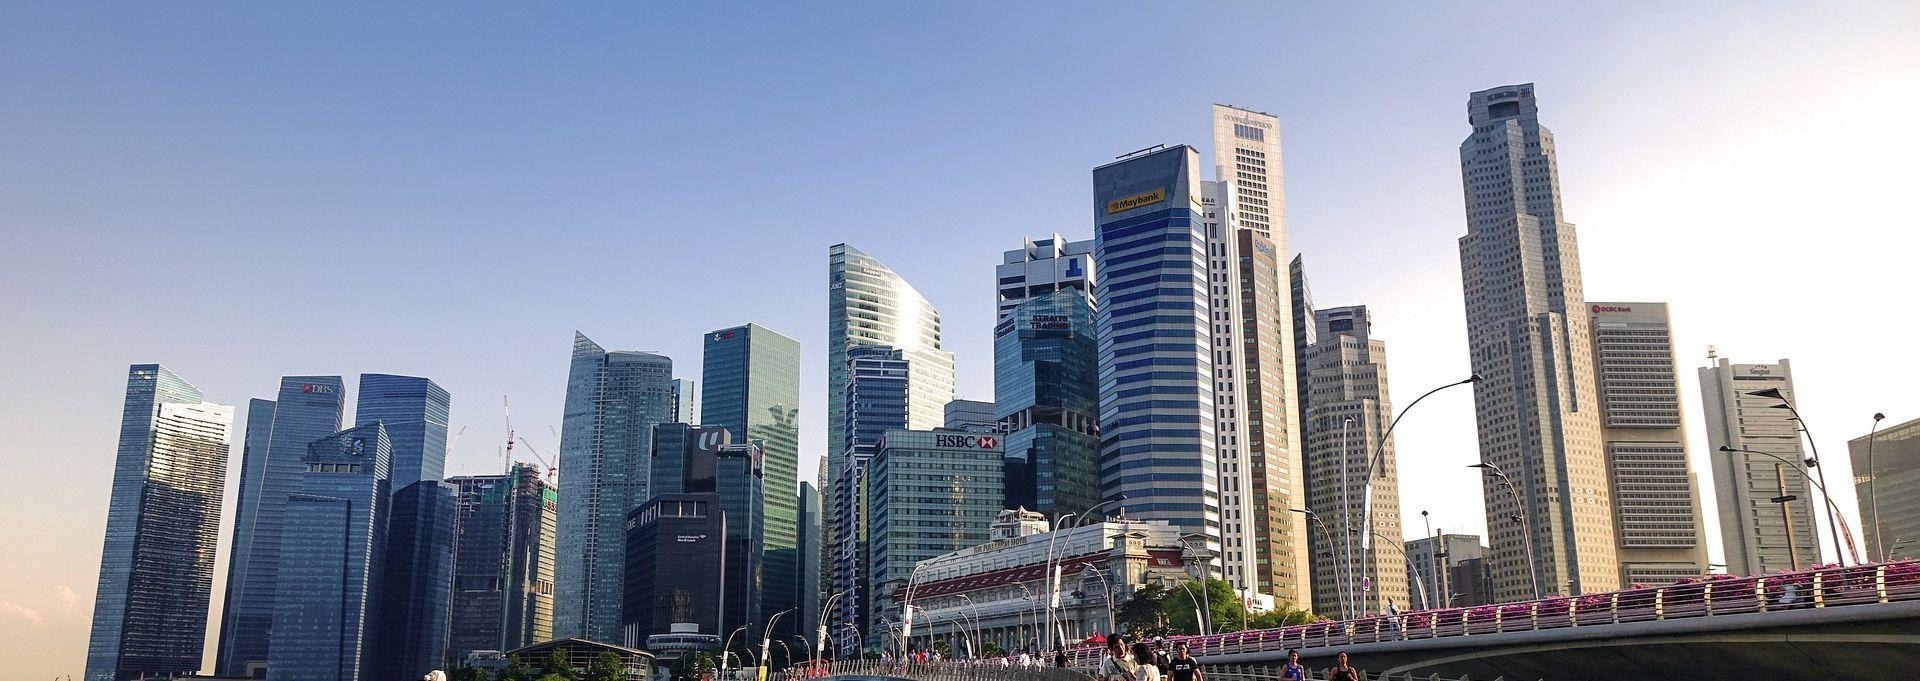 Zašto je Singapur odabran za susret Trumpa i Kim Jong Una?